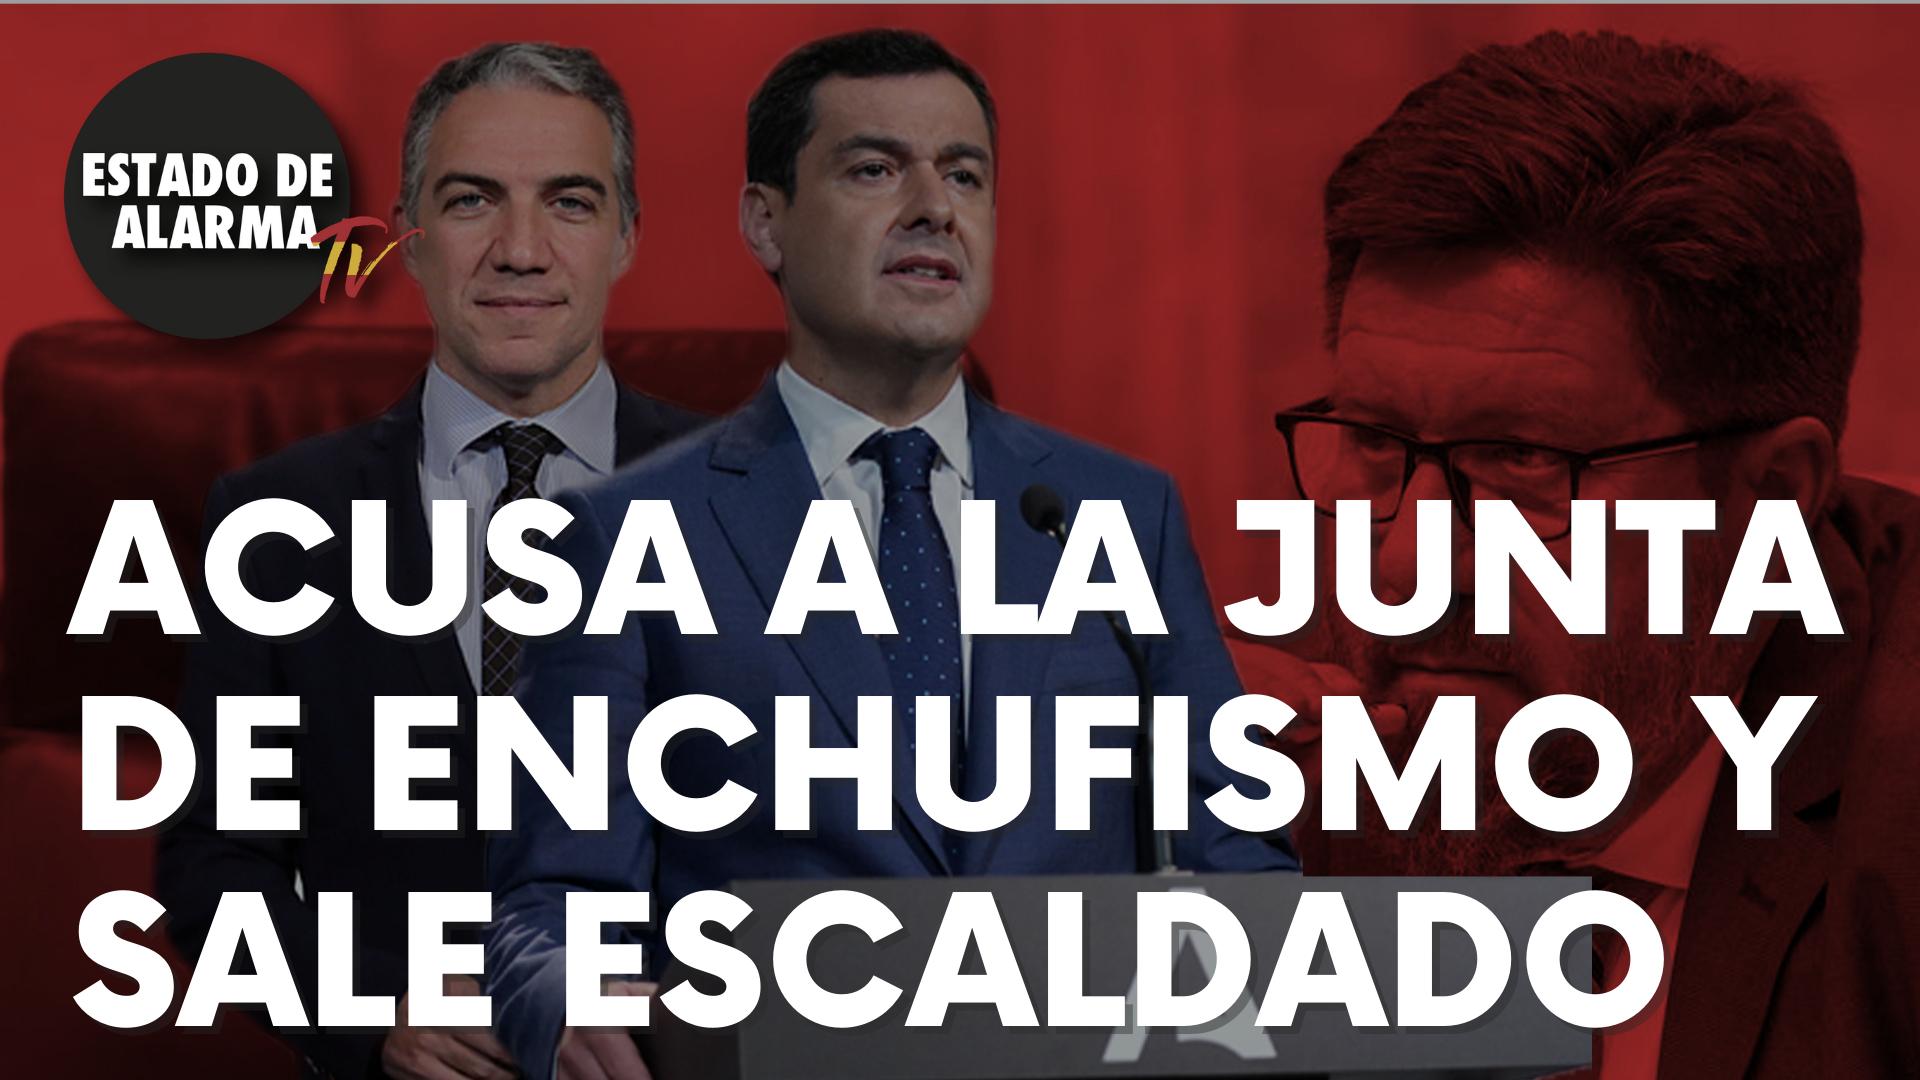 Diputado del PSOE acusa a la Junta de enchufismo y sale escaldado